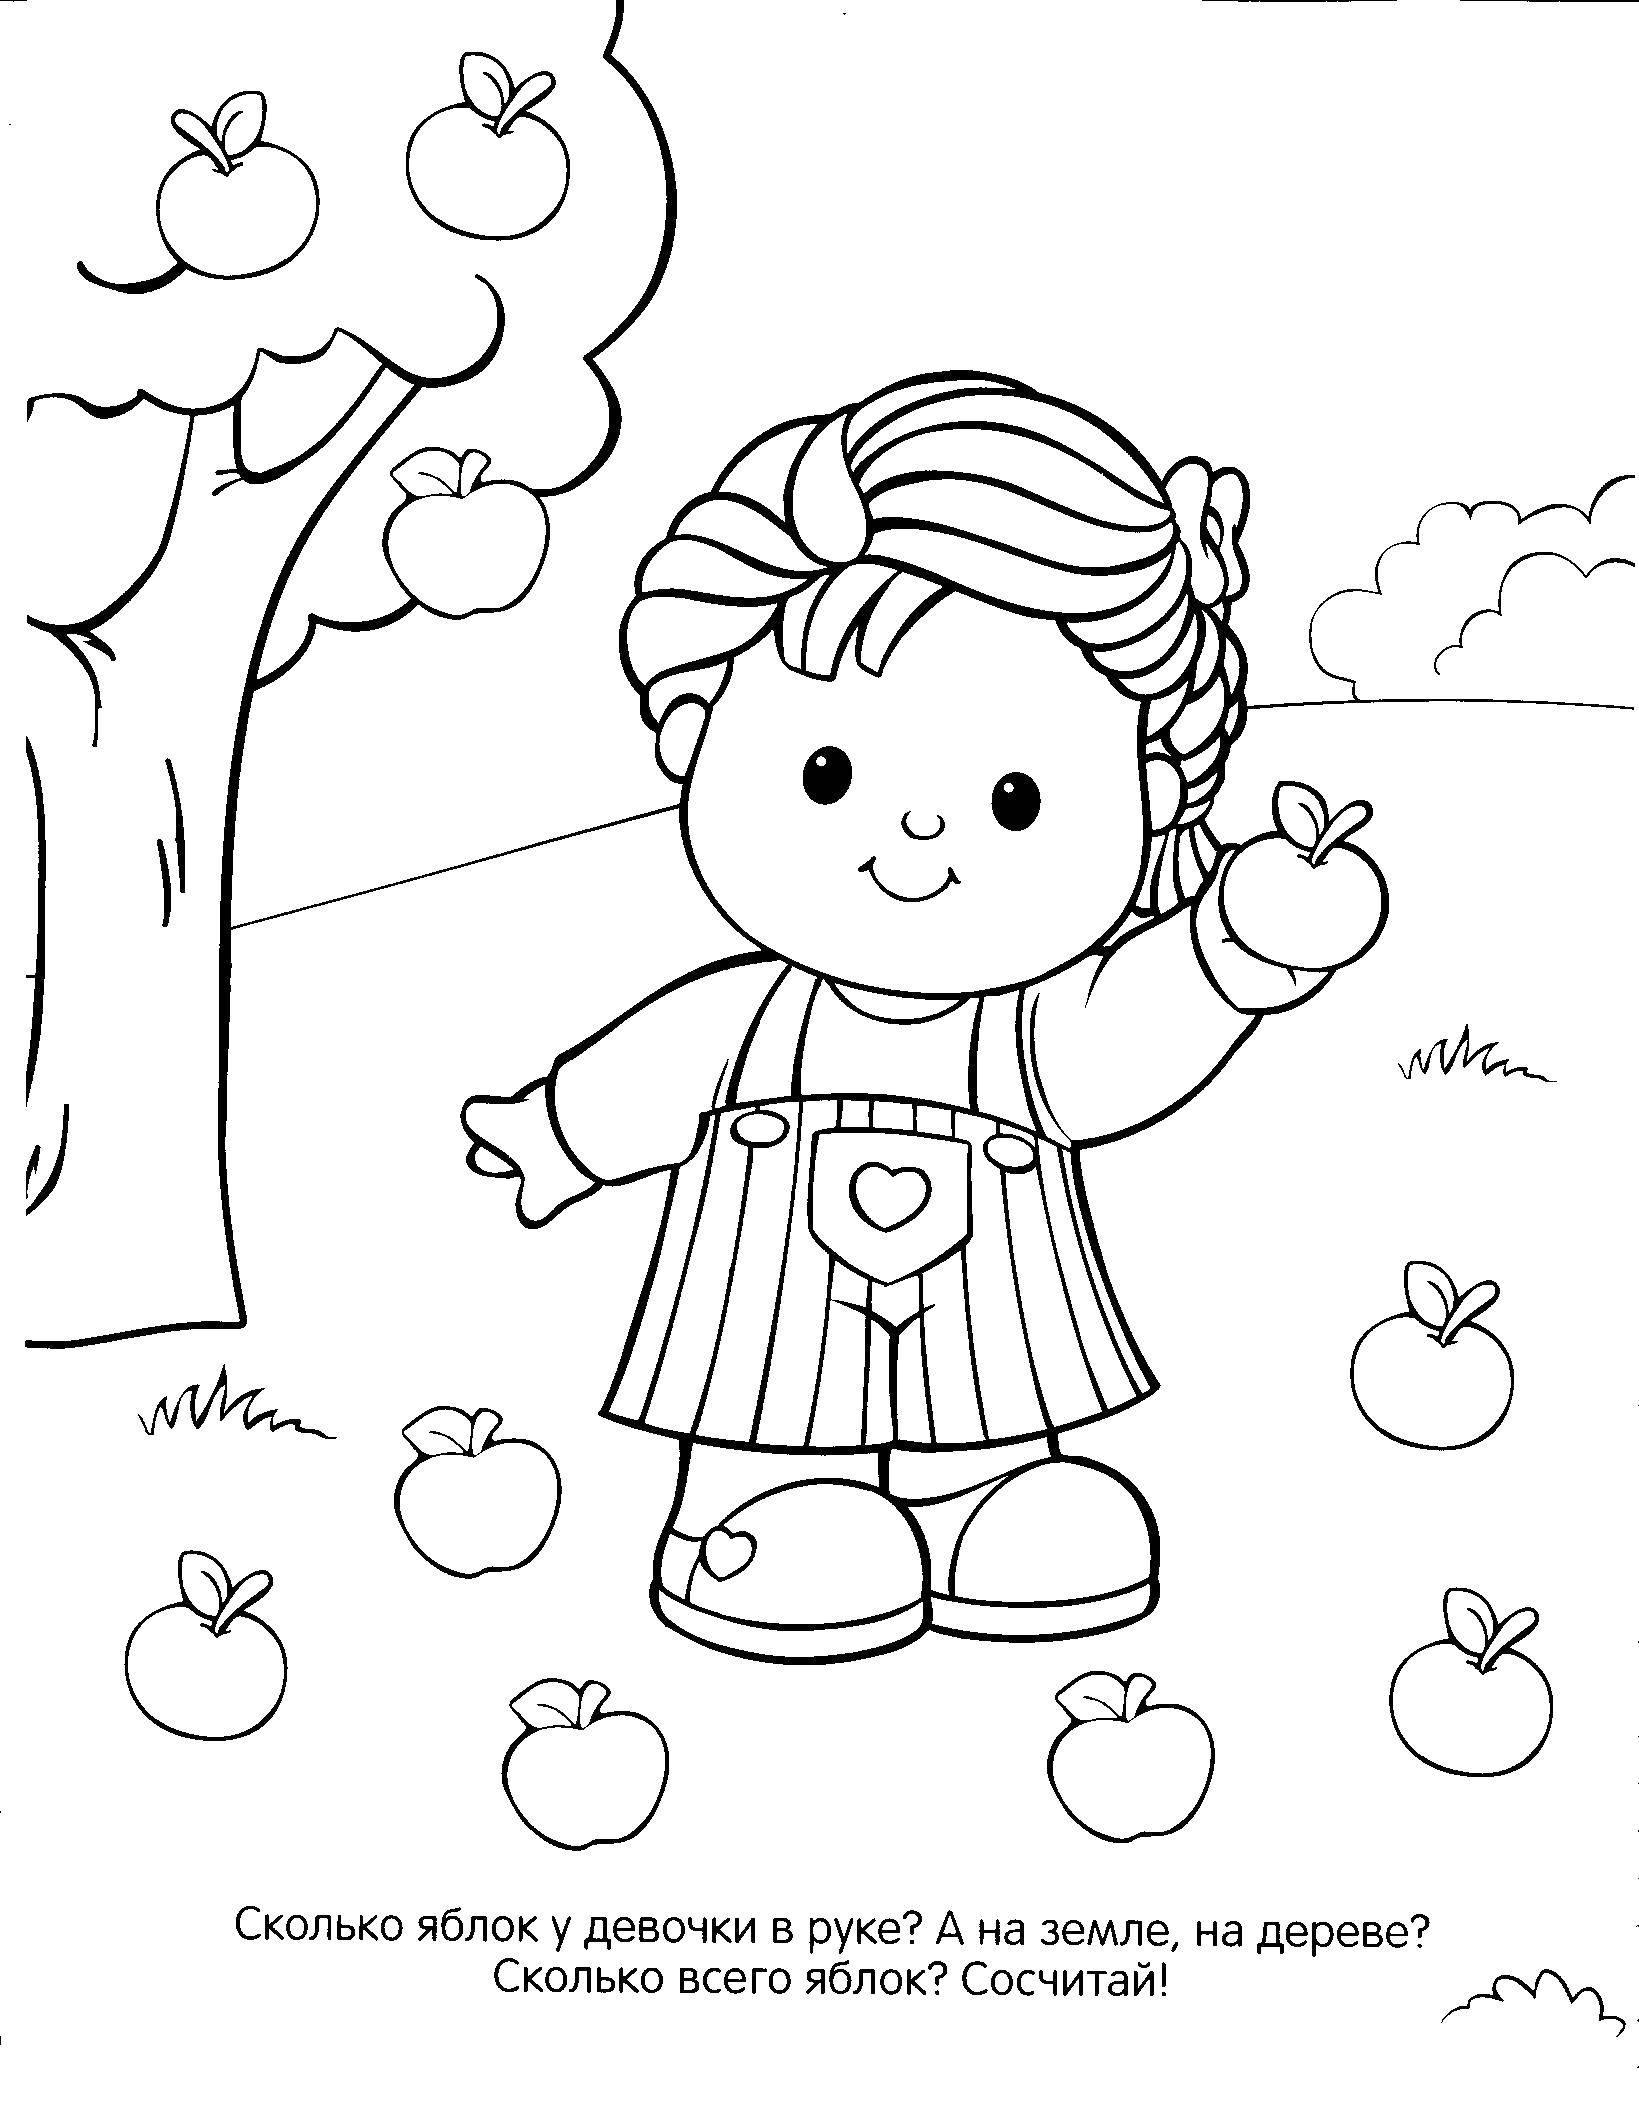 Раскраска Посчитай яблоки Скачать на мышление, логика, задача, загадка.  Распечатать ,на мышление,